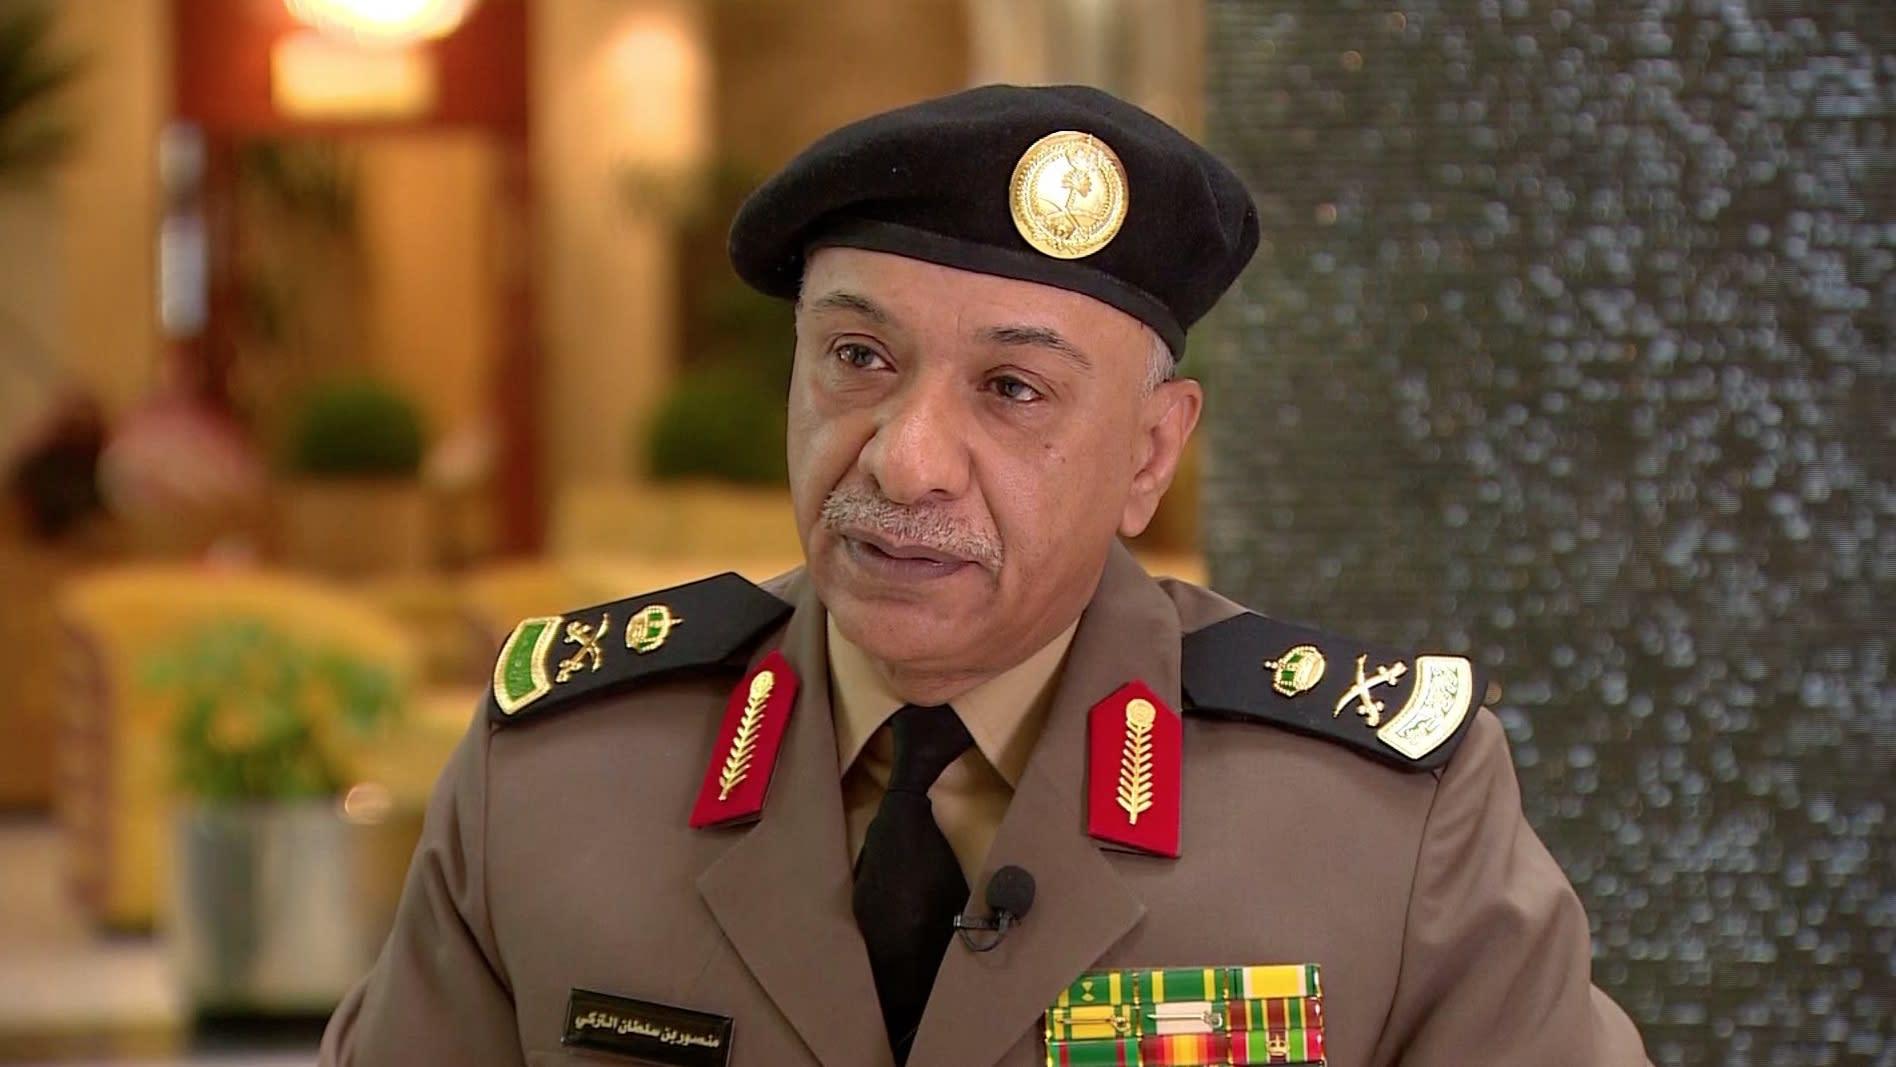 """السعودية: مقتل جندي في محاولة """"تنفيذ عمل إرهابي"""" بالطائف ومصادرة حزام ناسف وقنابل مصنوعة يدويا"""